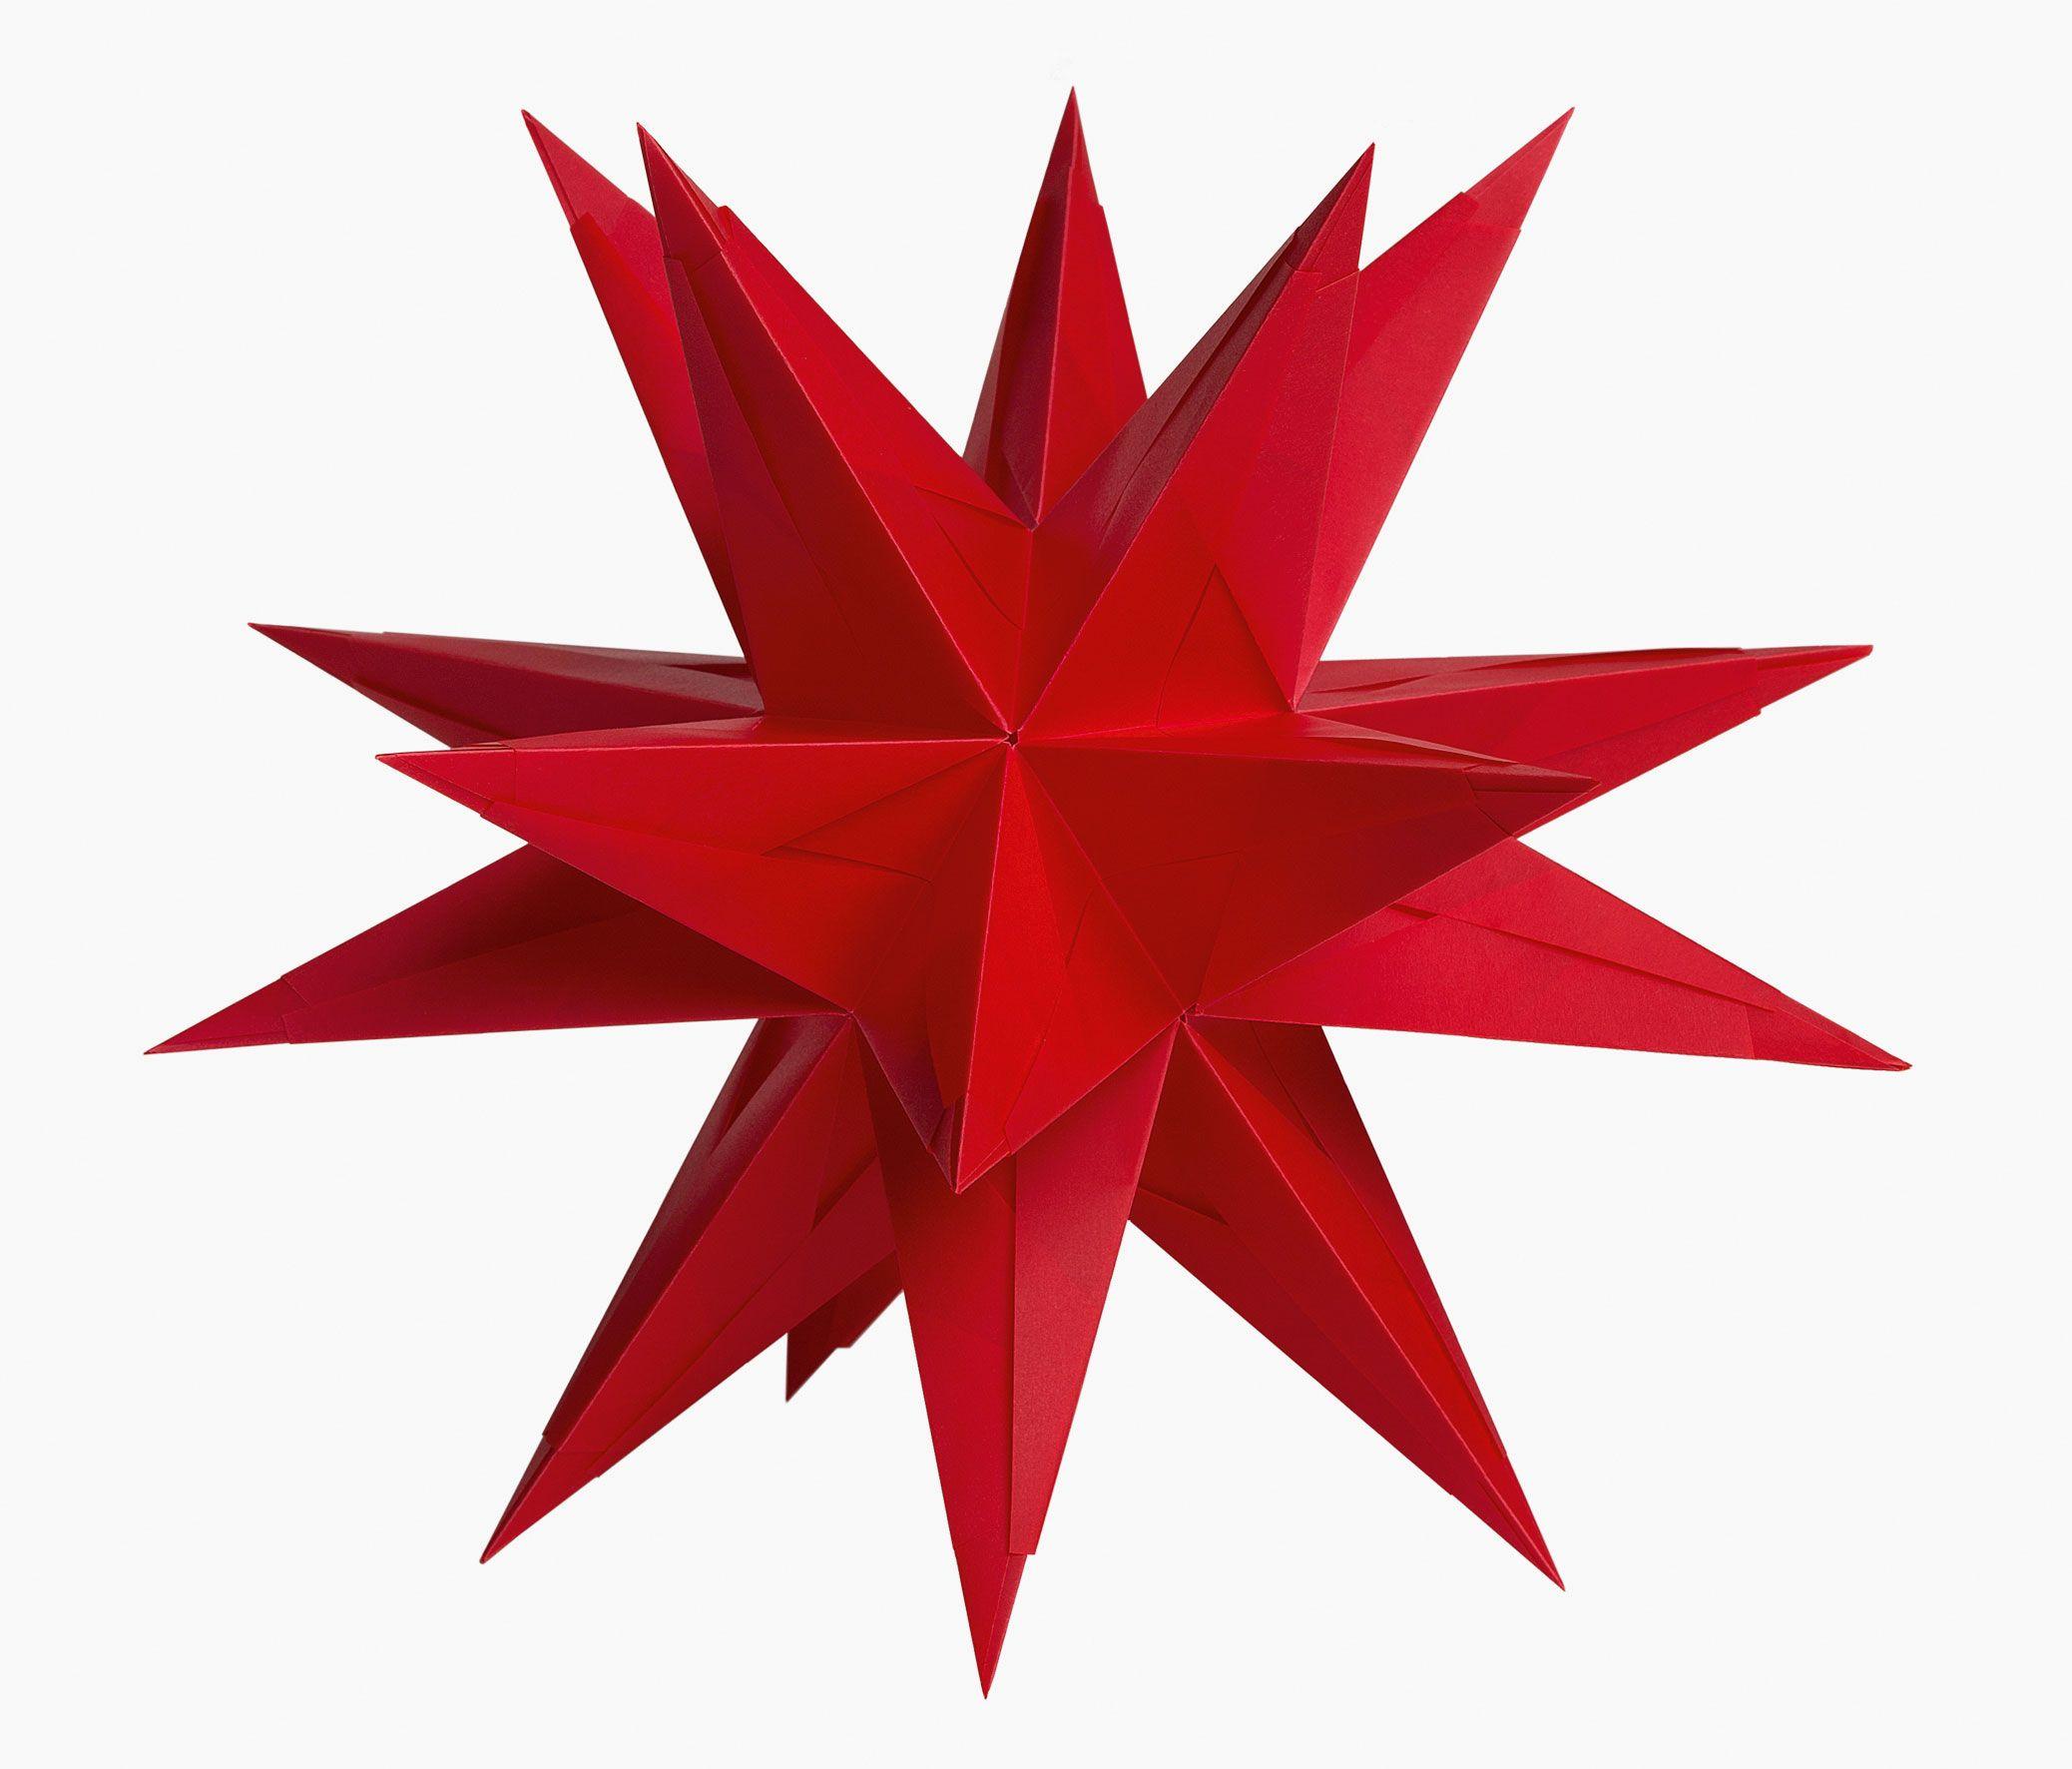 silux stern bastelset rot weihnachten sterne sterne basteln und bascetta stern. Black Bedroom Furniture Sets. Home Design Ideas